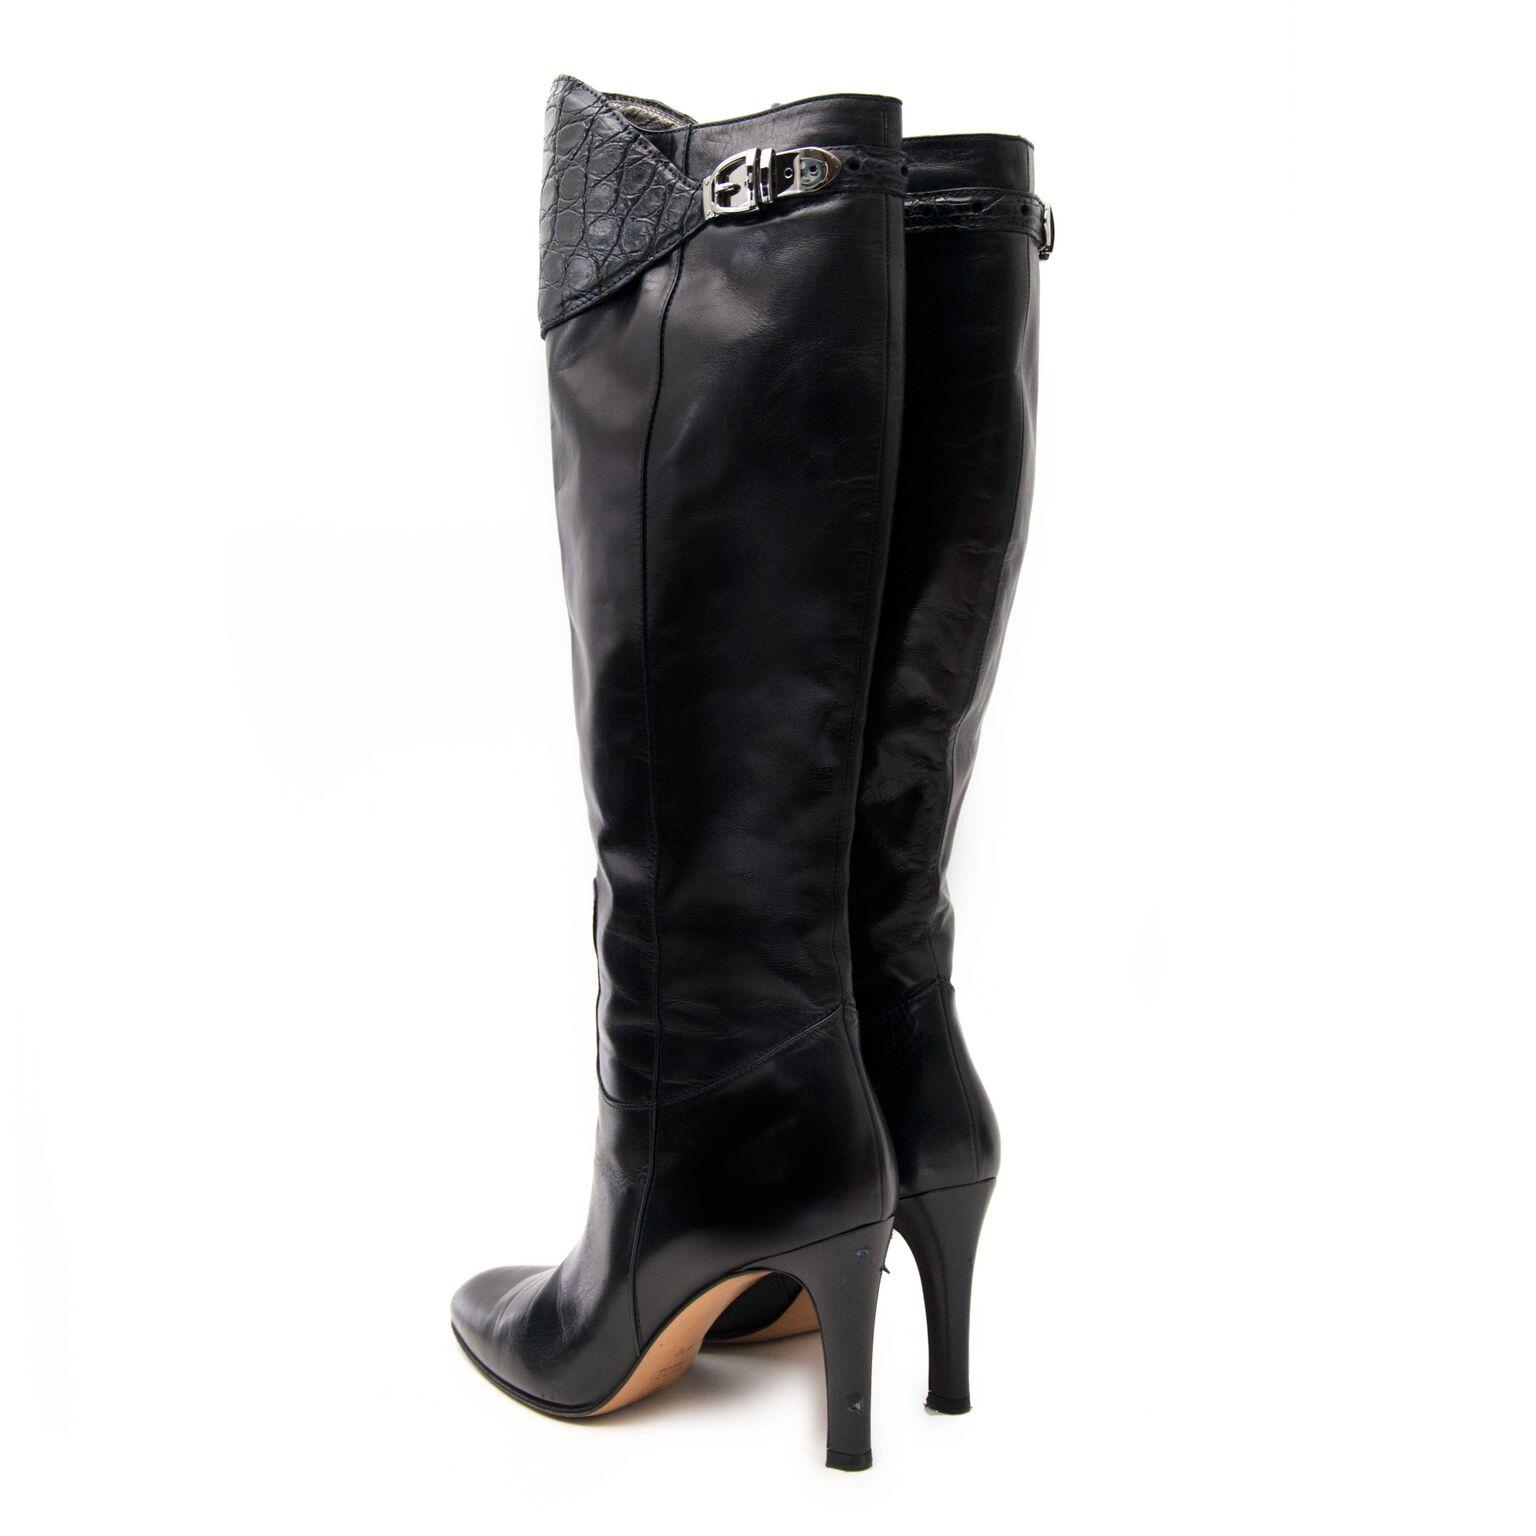 Koop mooie hoge zwarte lederen hakken van Gucci op labellov.com of in onze showroom in Antwerpen